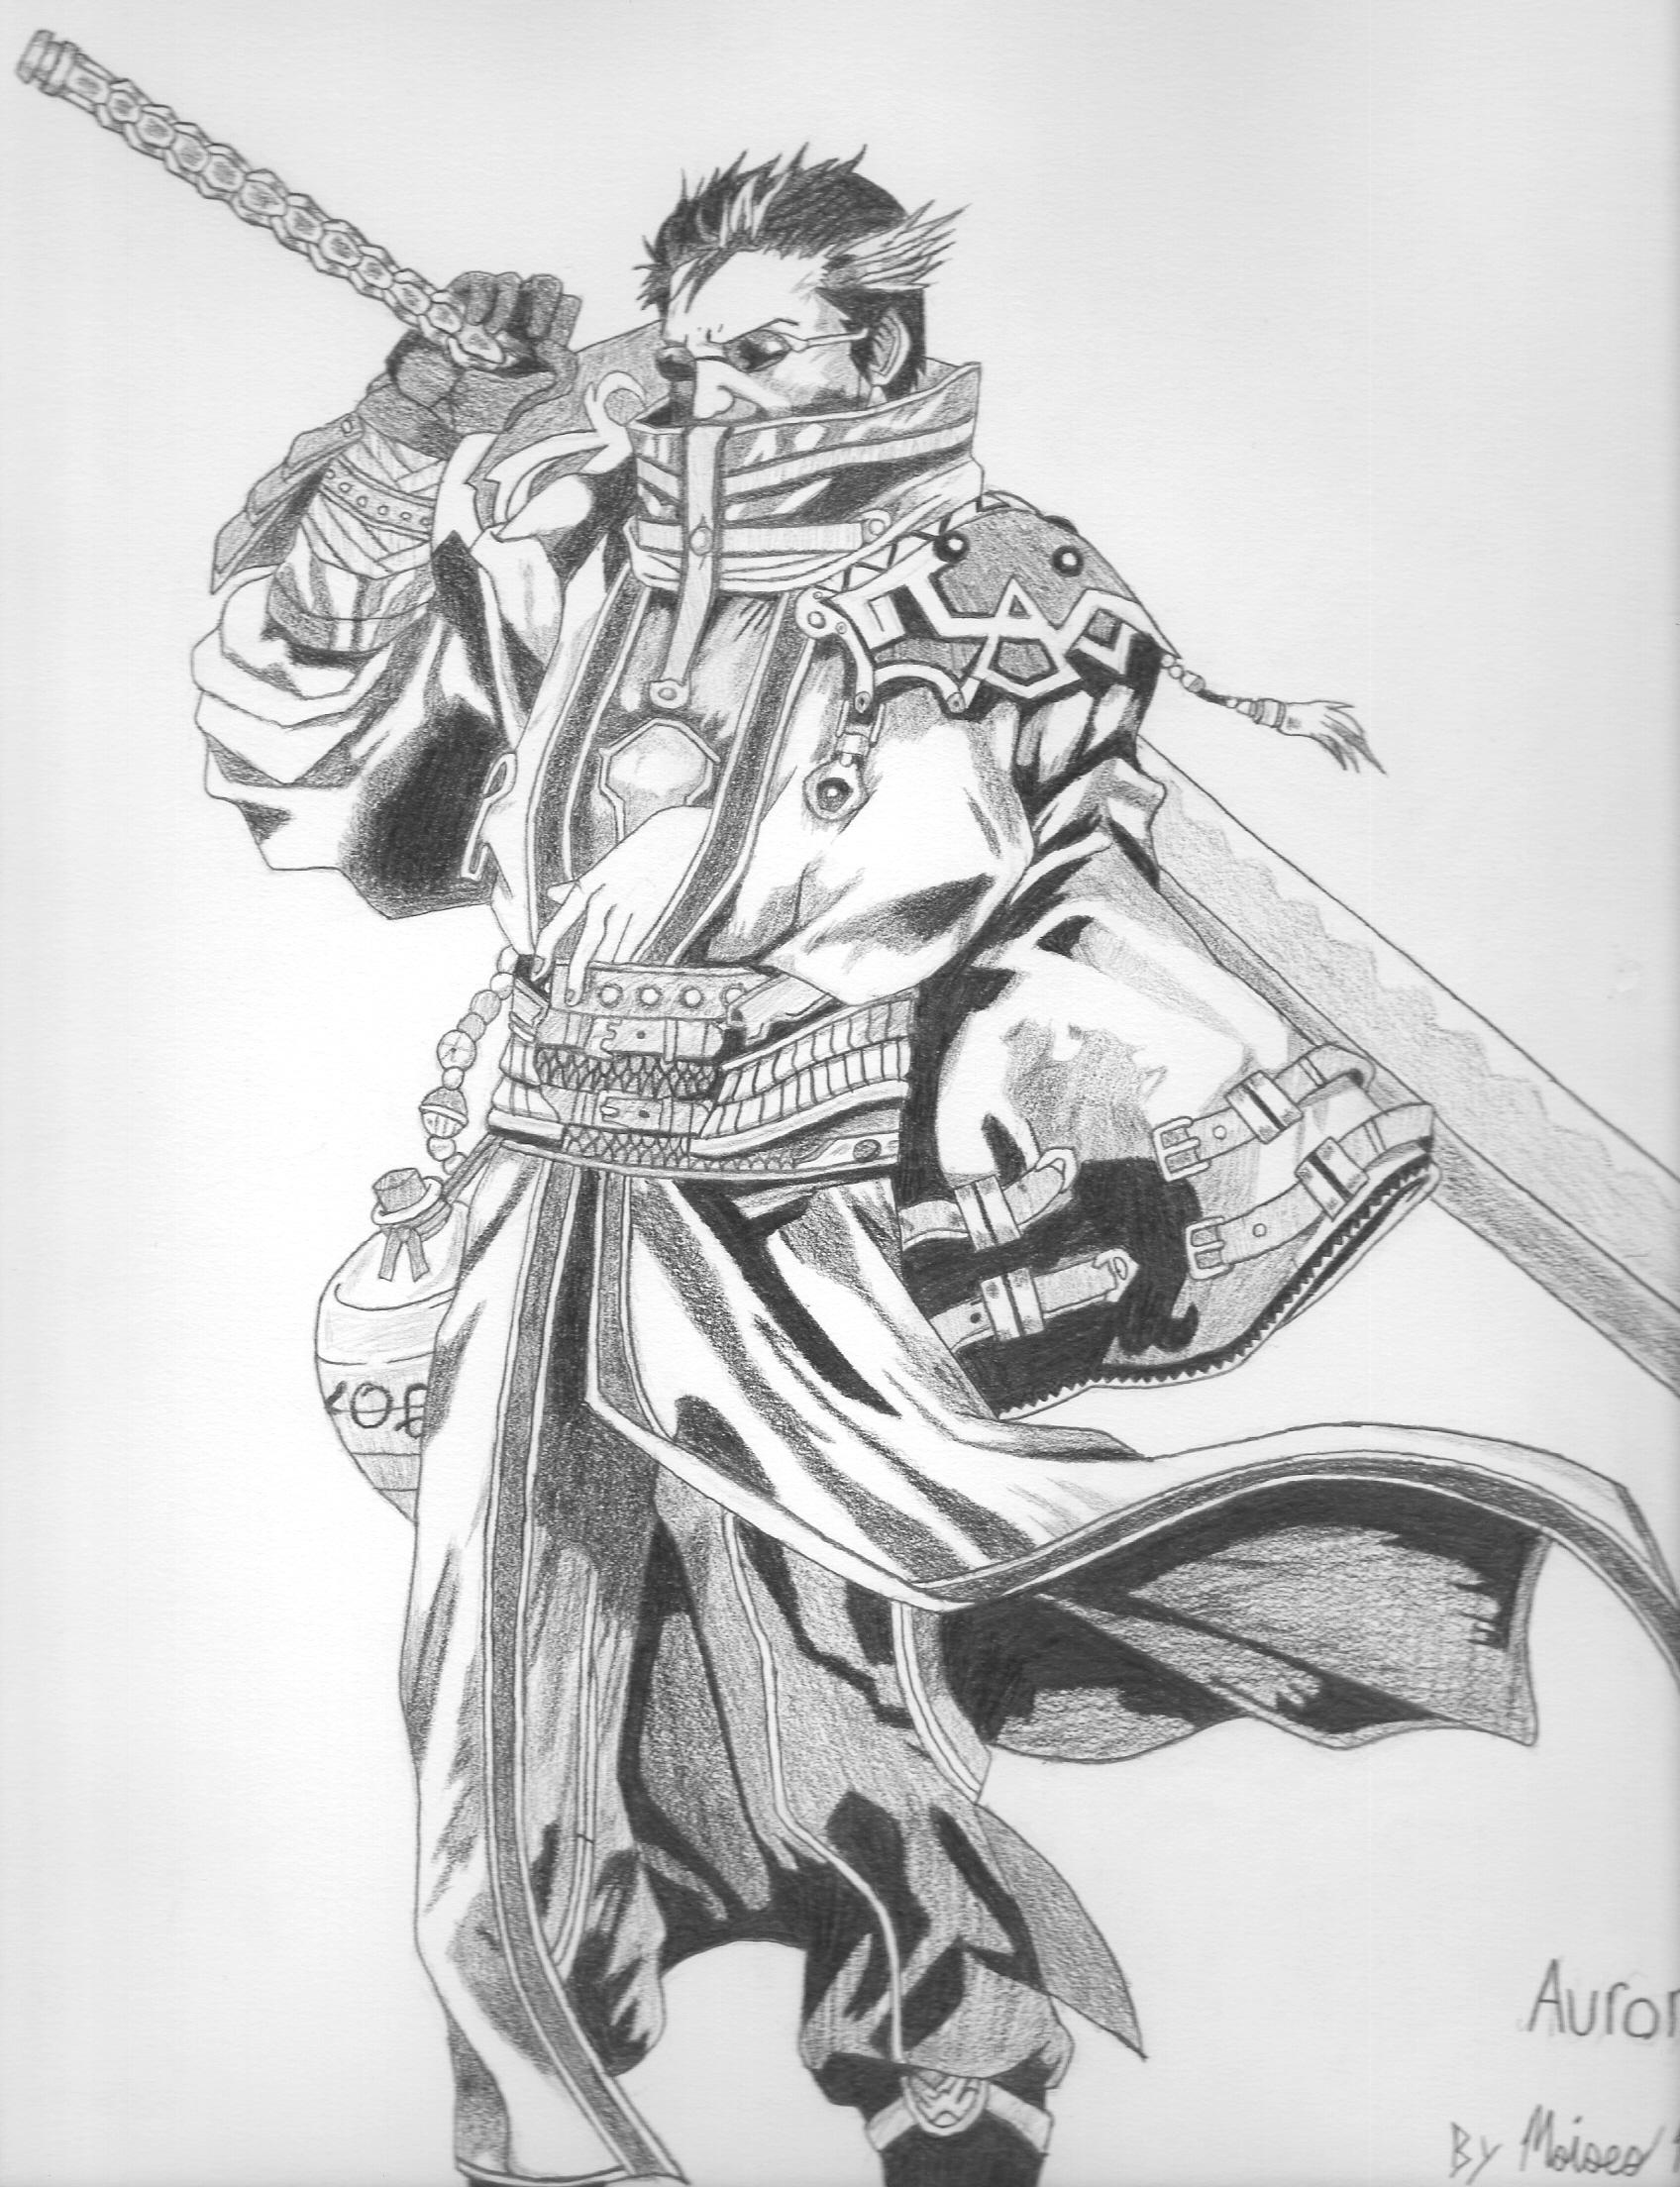 auron drawing by sesiom